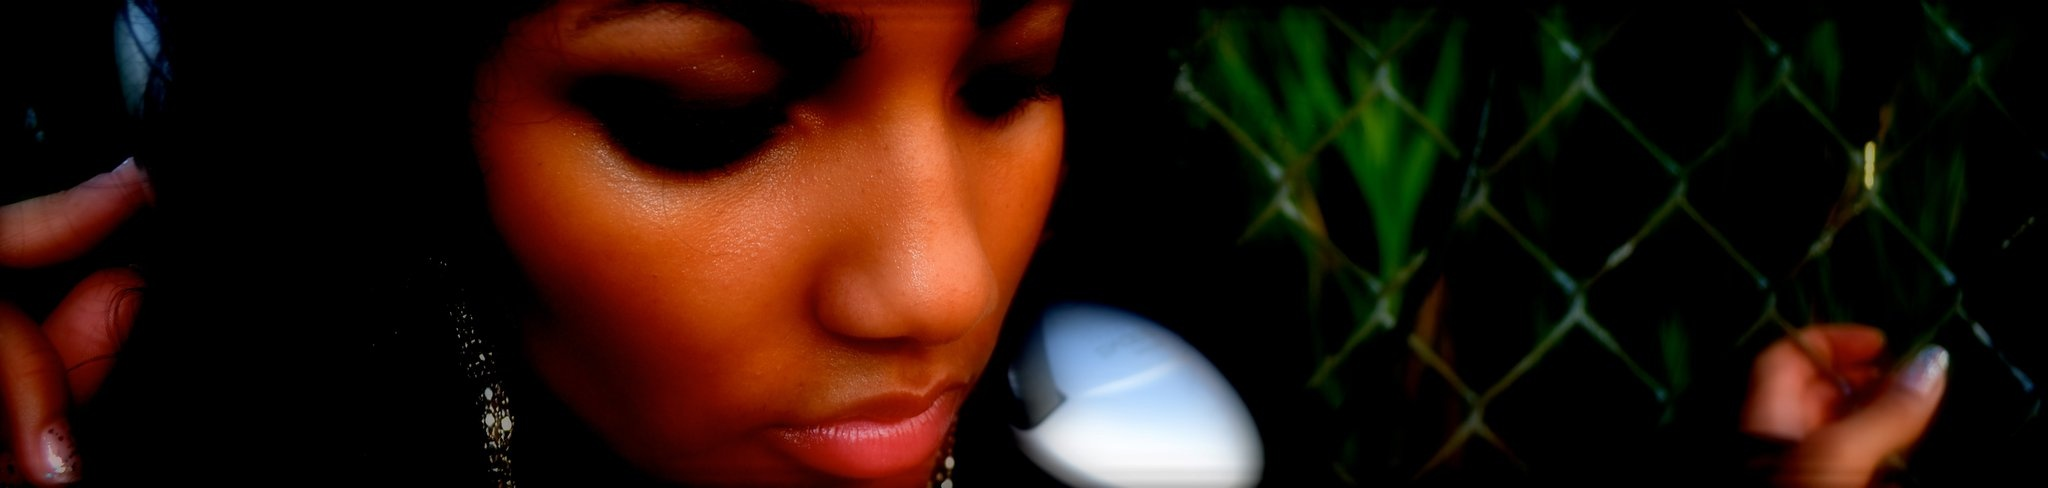 Untitled image for Nefertitti Avani